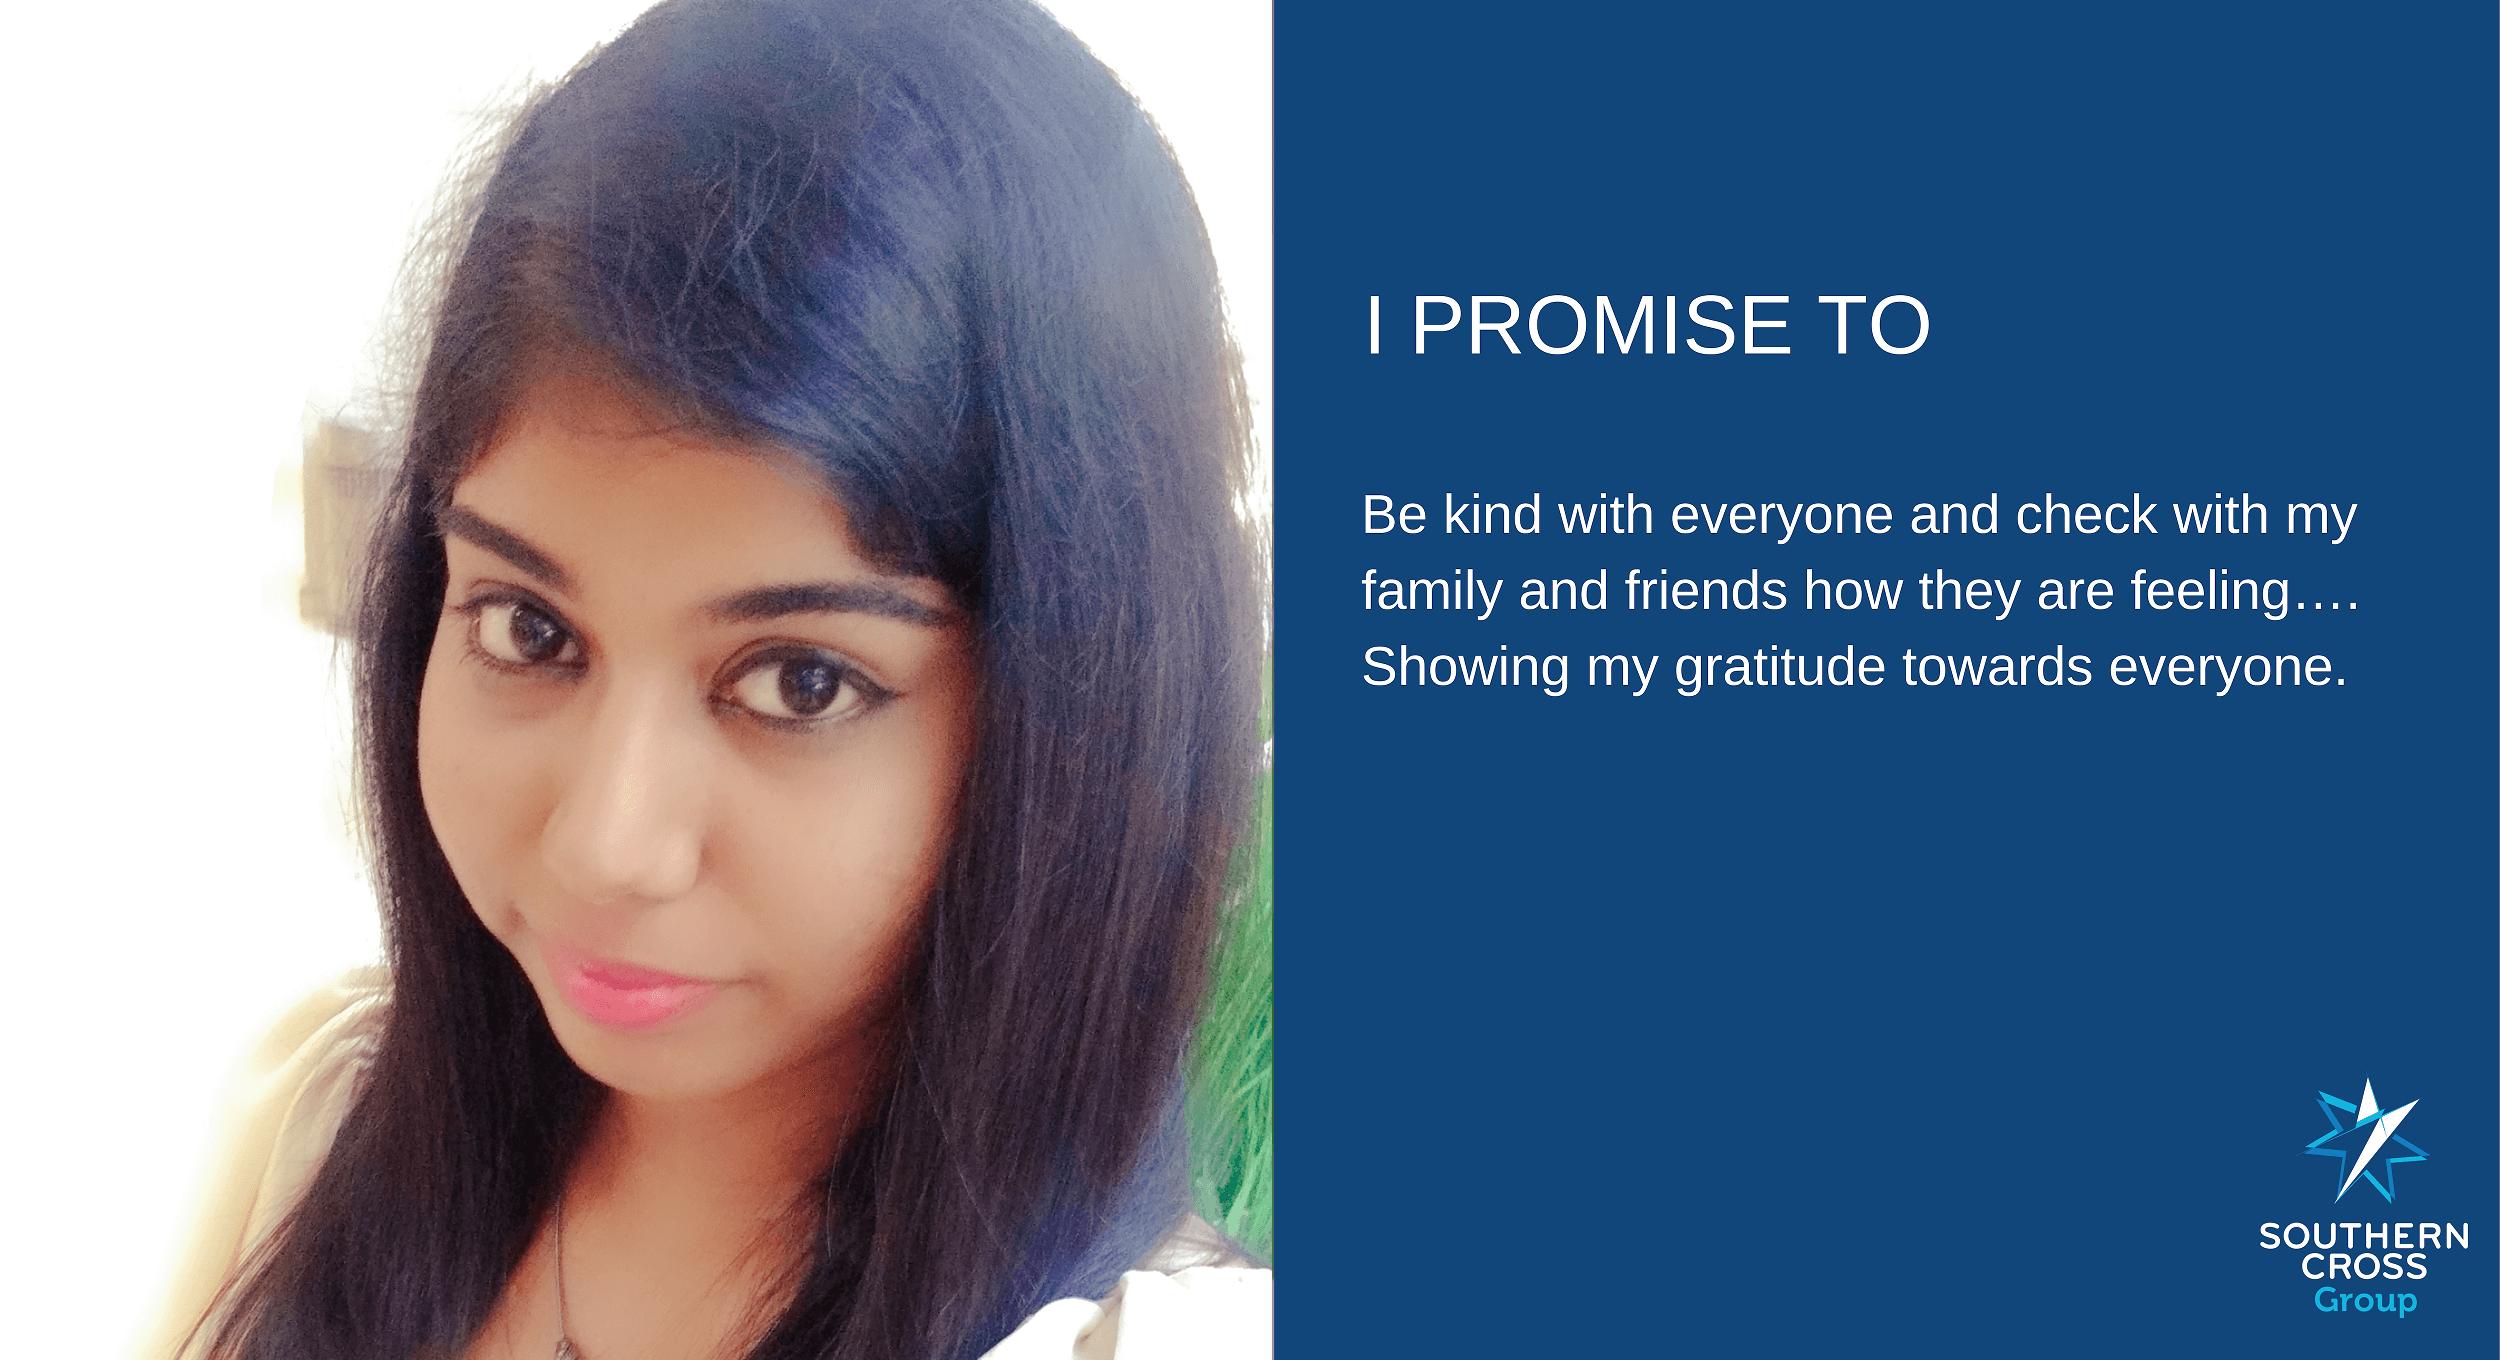 Greta Promise